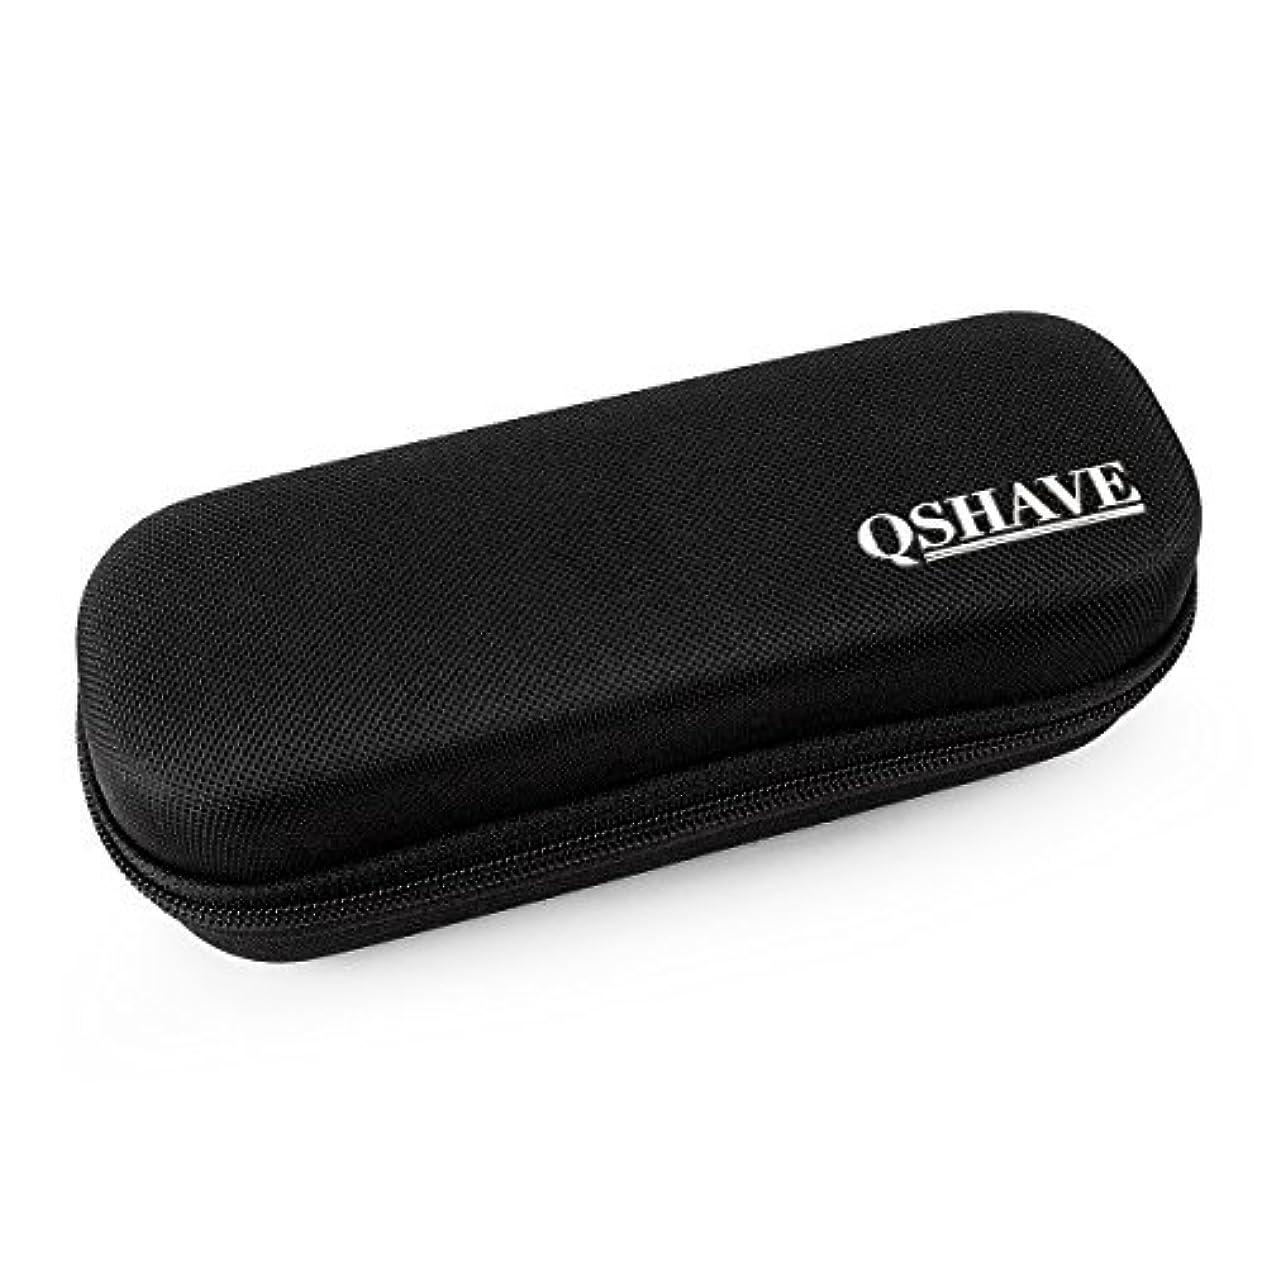 所属残酷日付Norelco OneBladeハイブリッド電気トリマーシェーバー用QSHAVEハードトラベルケース、QP2520 QP2570旅行用収納オーガナイザーケースバッグ